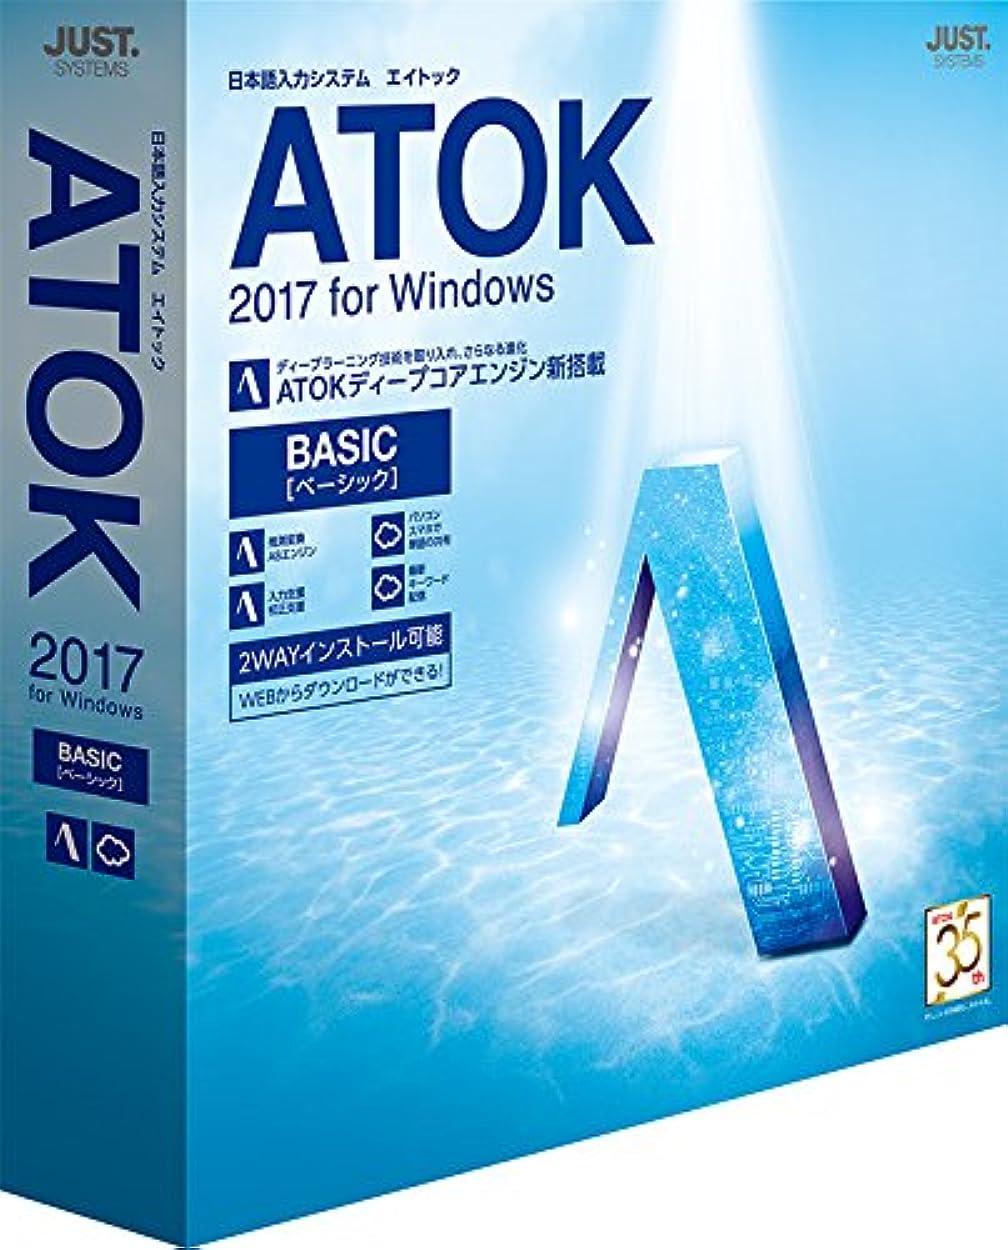 に賛成クレデンシャルお客様ATOK 2017 for Windows [ベーシック] 通常版